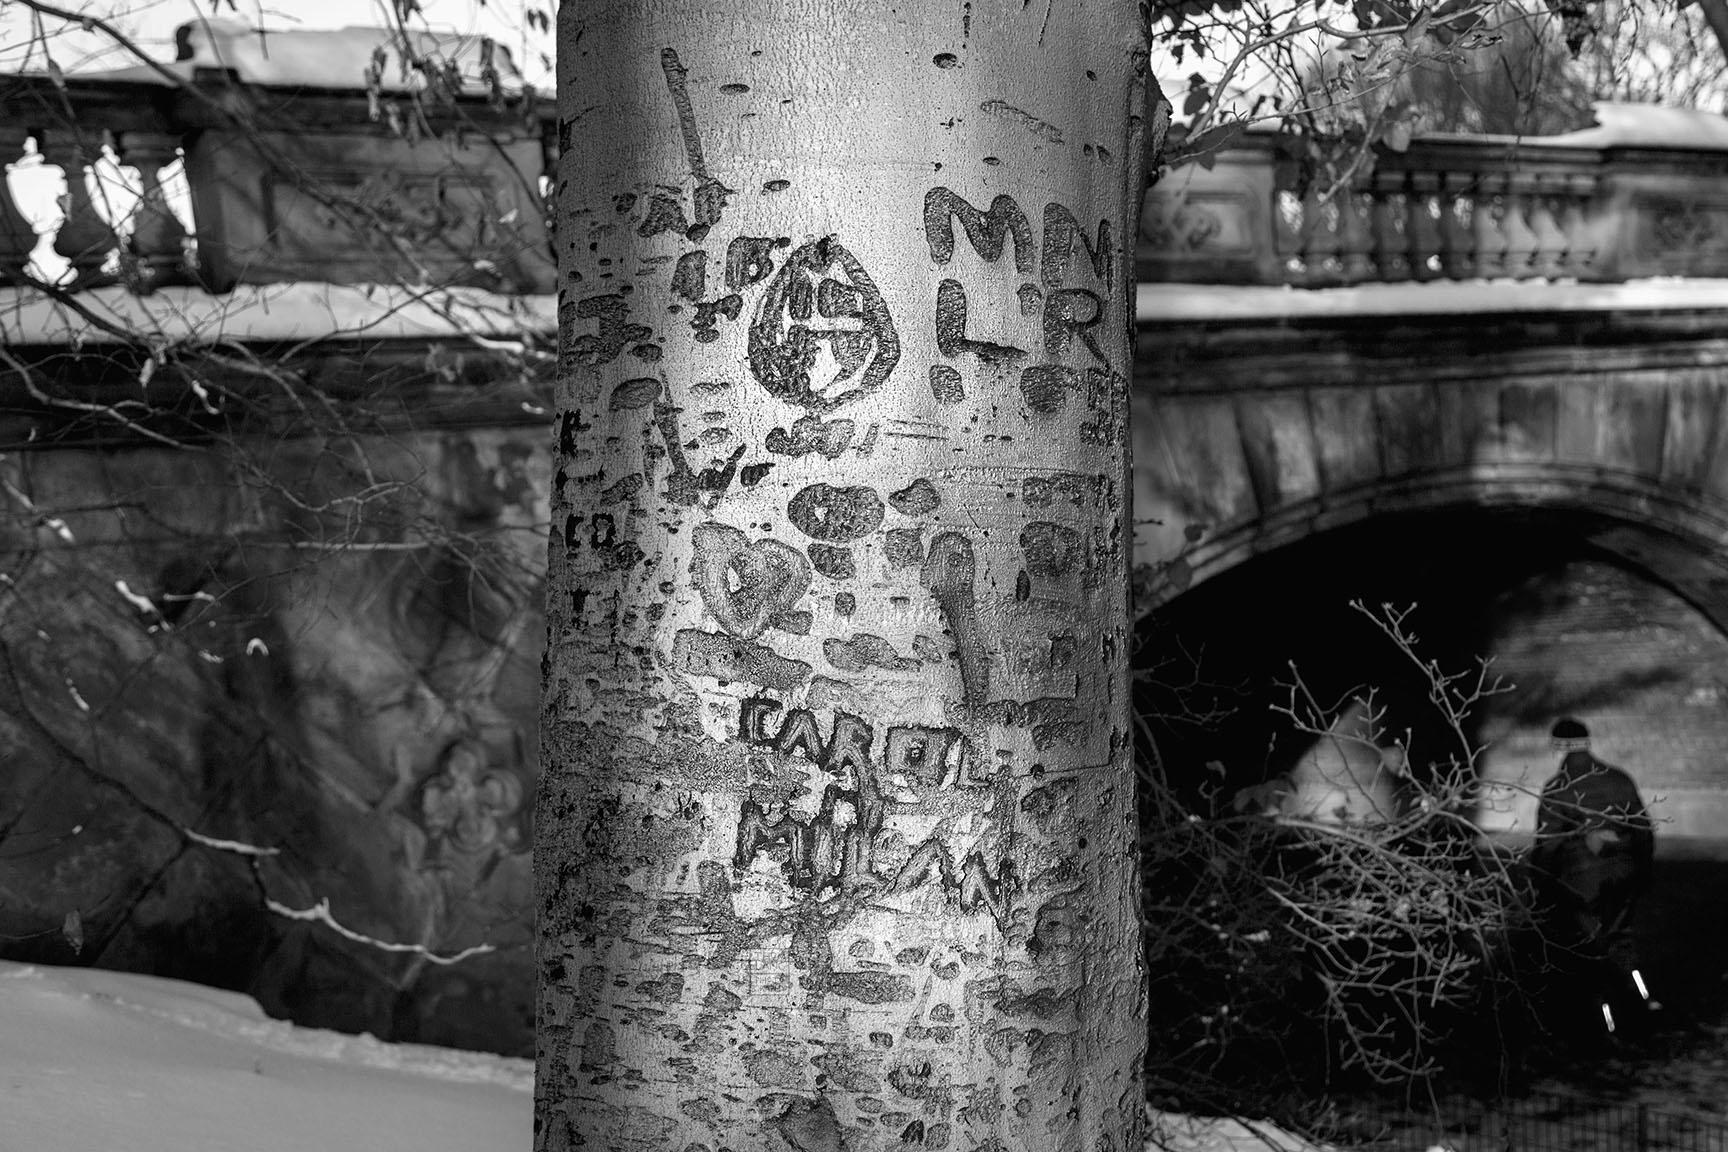 11_Tattoo Tree_6722-BLOG